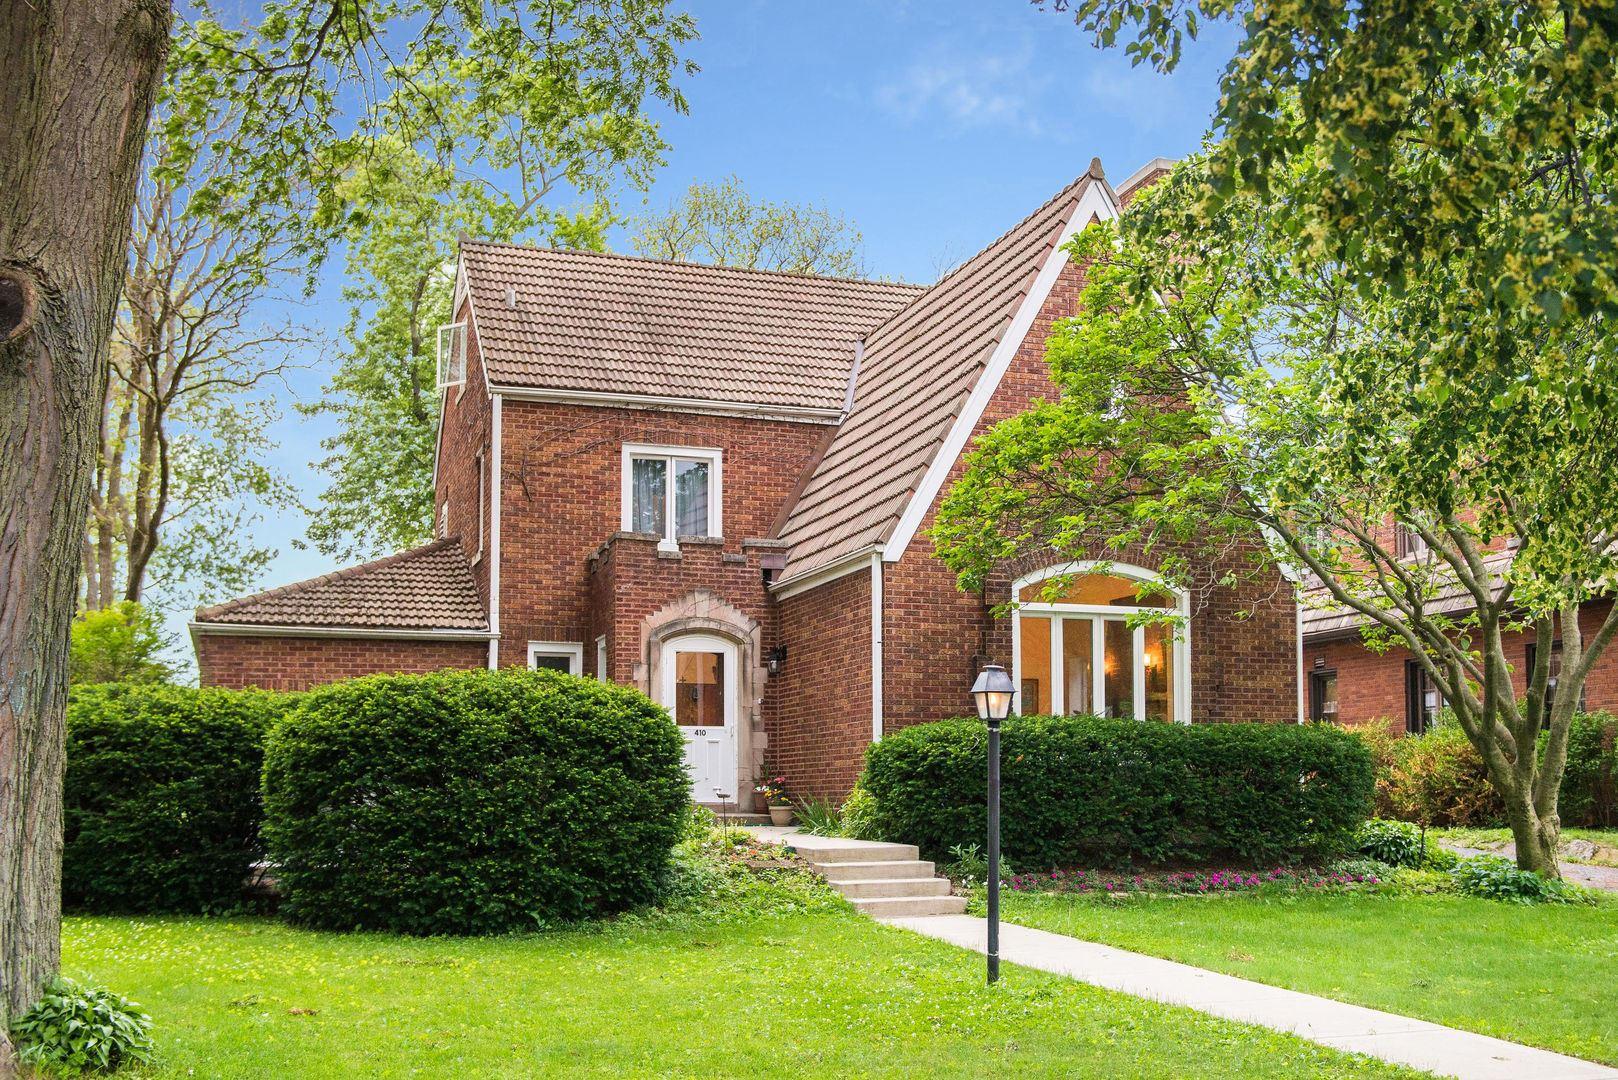 410 S Illinois Avenue, Villa Park, IL 60181 - #: 10668377